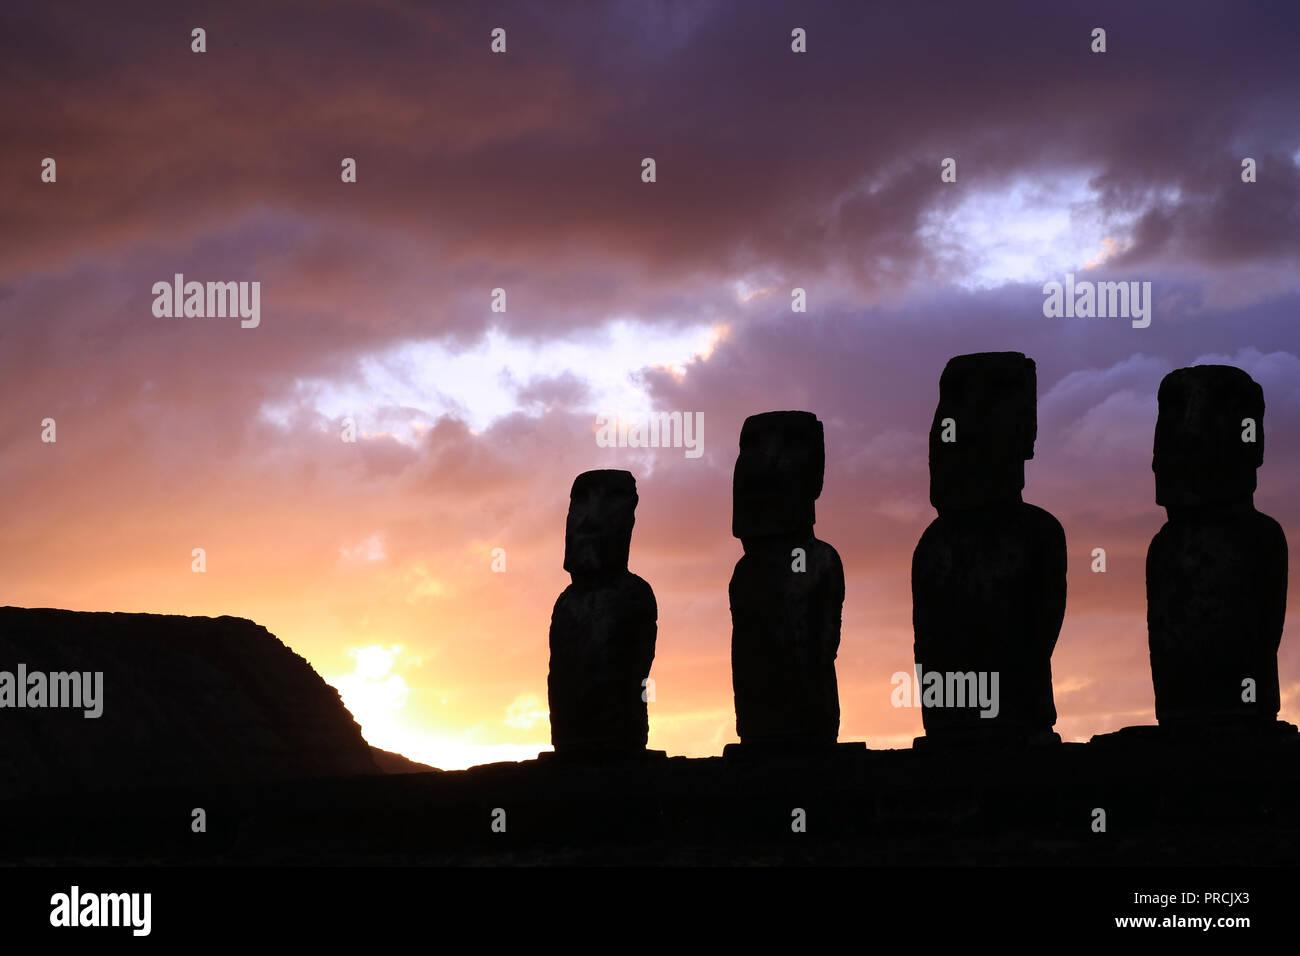 Atemberaubende Purple Sunrise bewölkter Himmel über der Silhouette des riesigen Moai Statuen von Ahu Tongariki Archäologische Stätte, Easter Island, Chile Stockbild